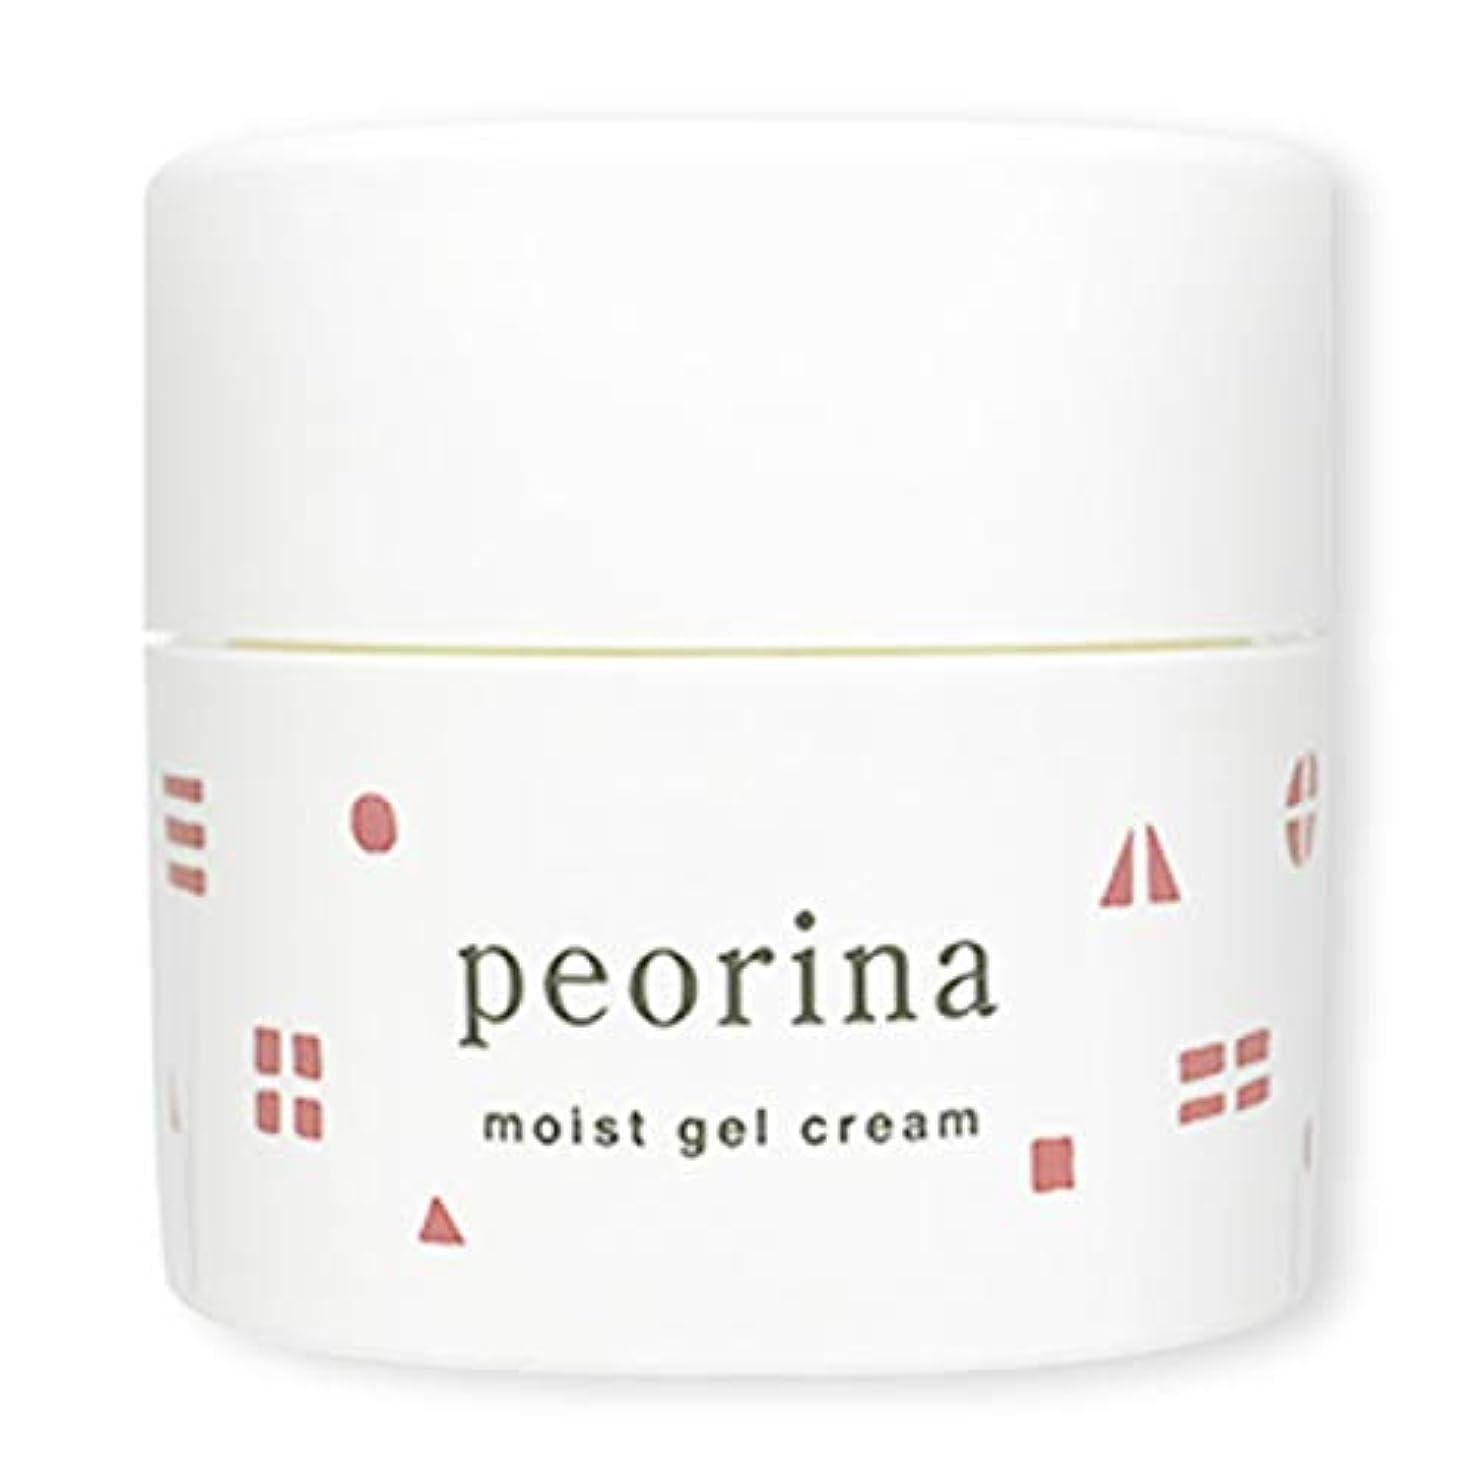 入る消費比較的ピオリナ モイストジェルクリーム 保湿 スキンケア ヒト型 セラミド 保水肌 美肌 次世代型 ビタミンC 誘導体